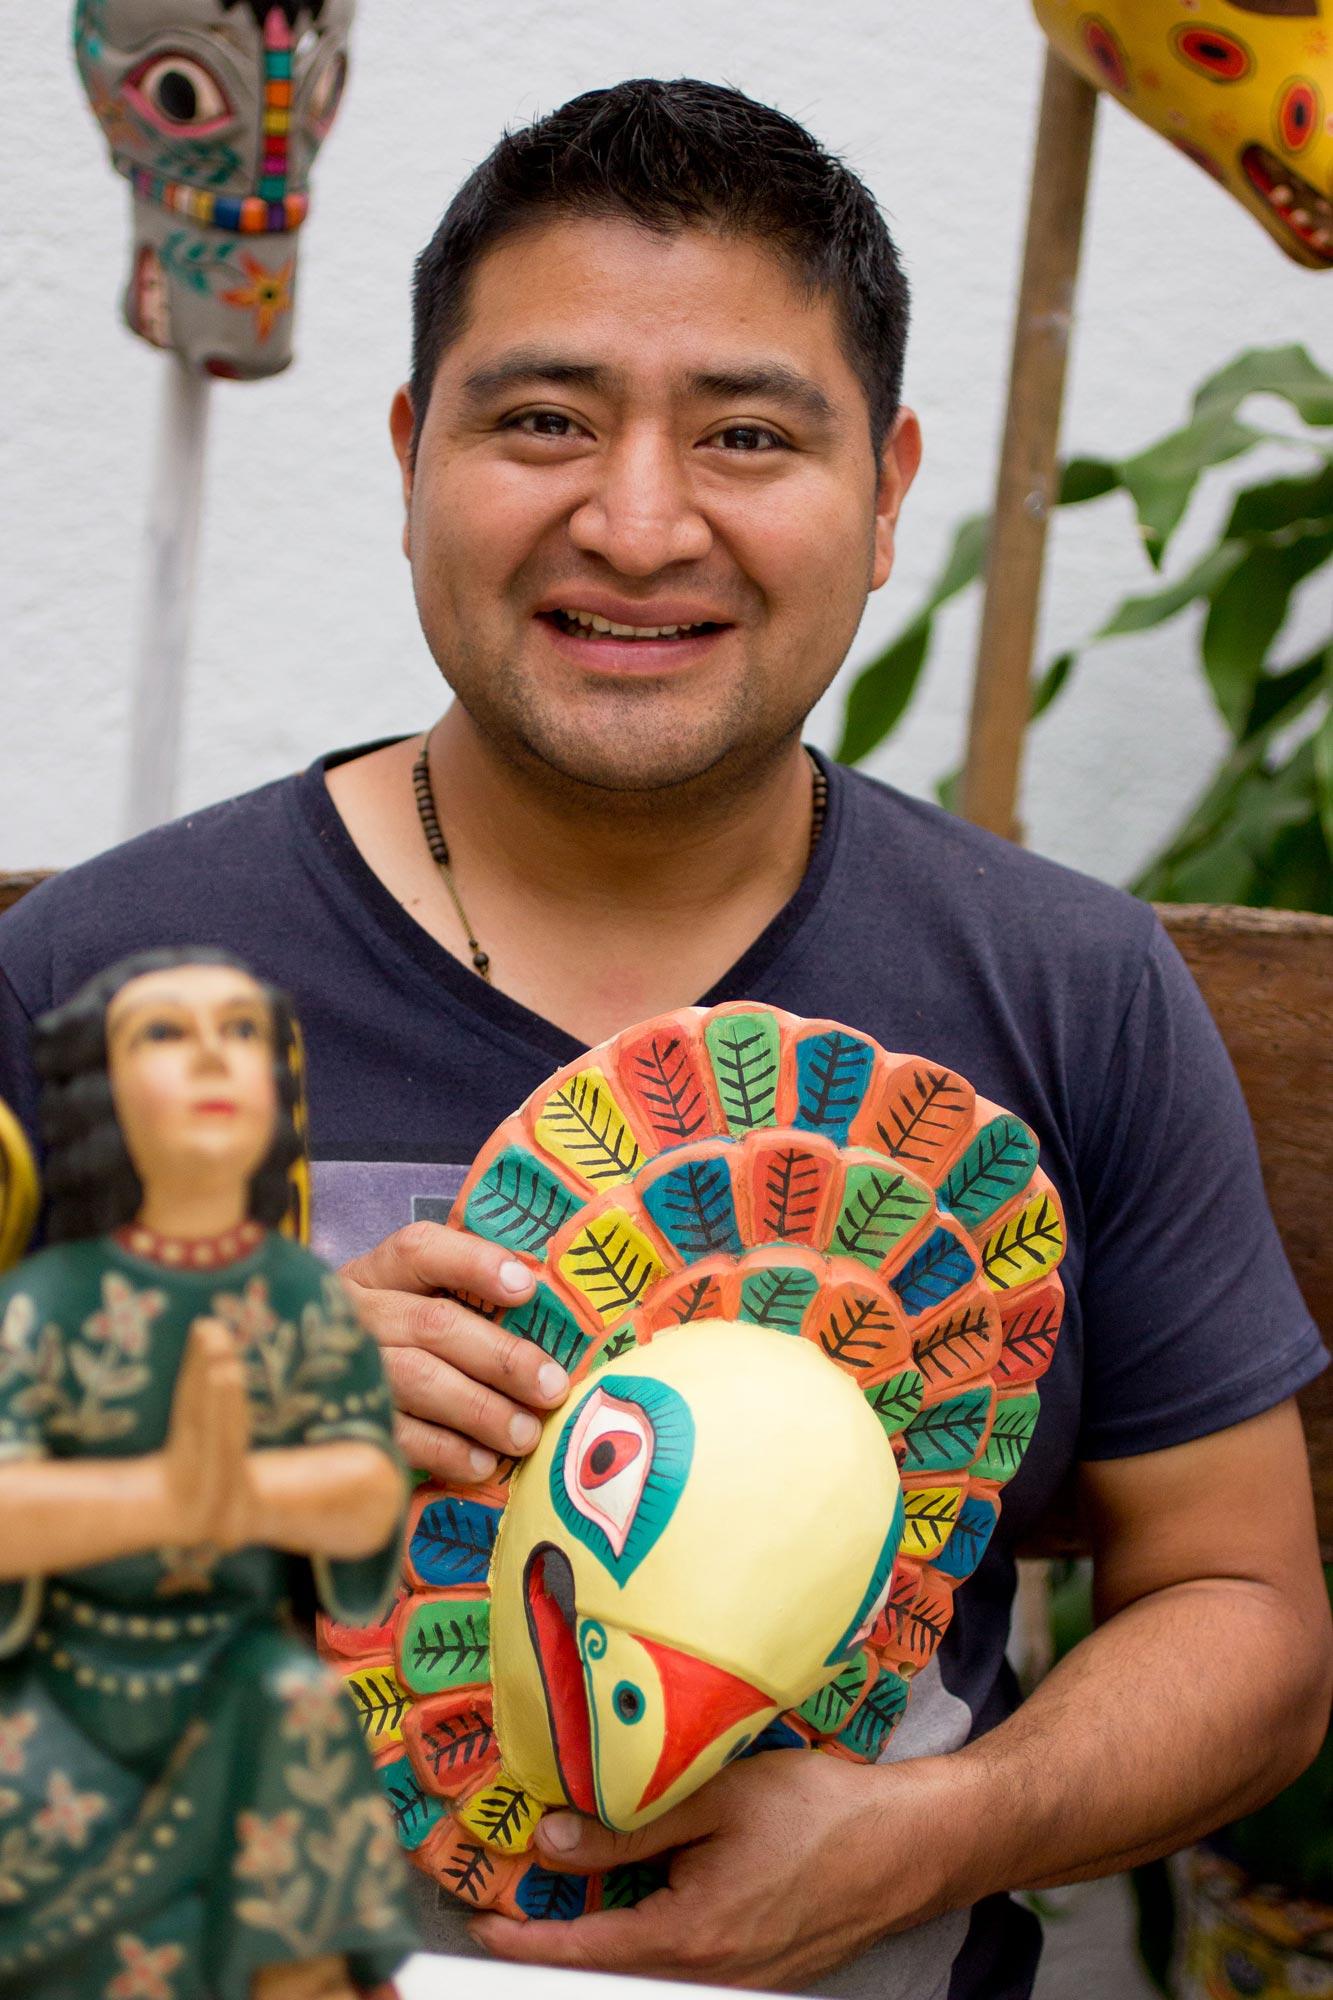 Jose Canil Ramos